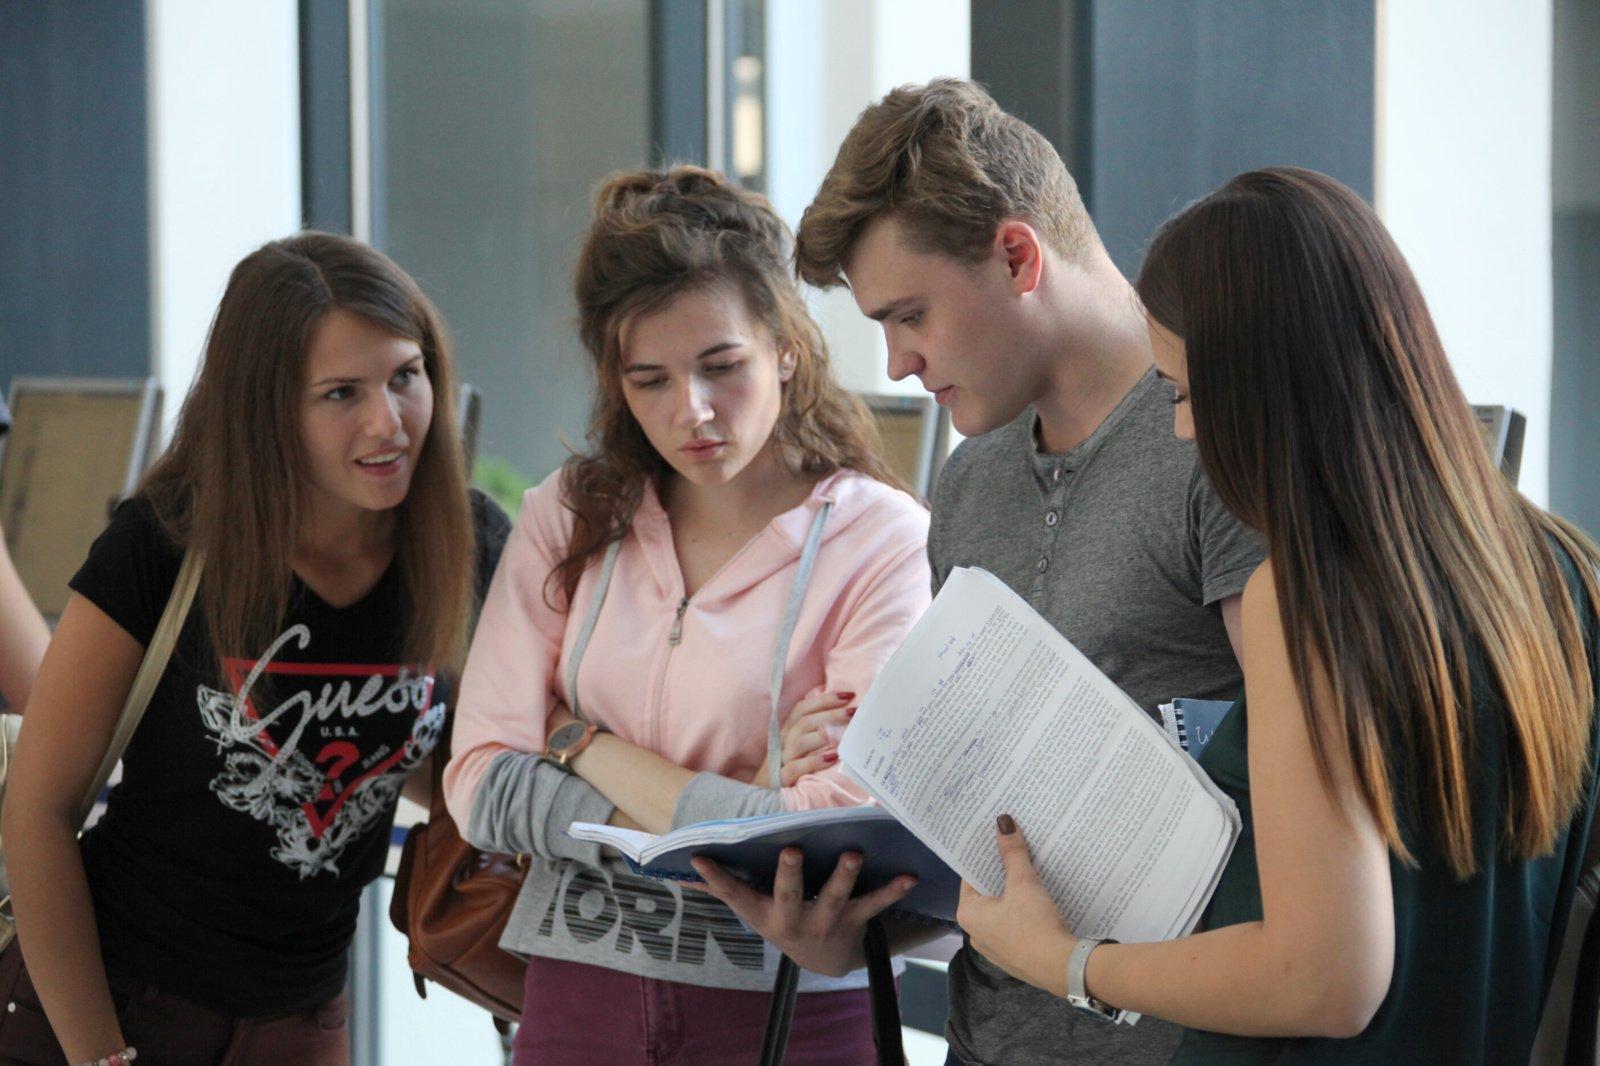 Šiaulių universitetas tapo Vilniaus universiteto Šiaulių akademija